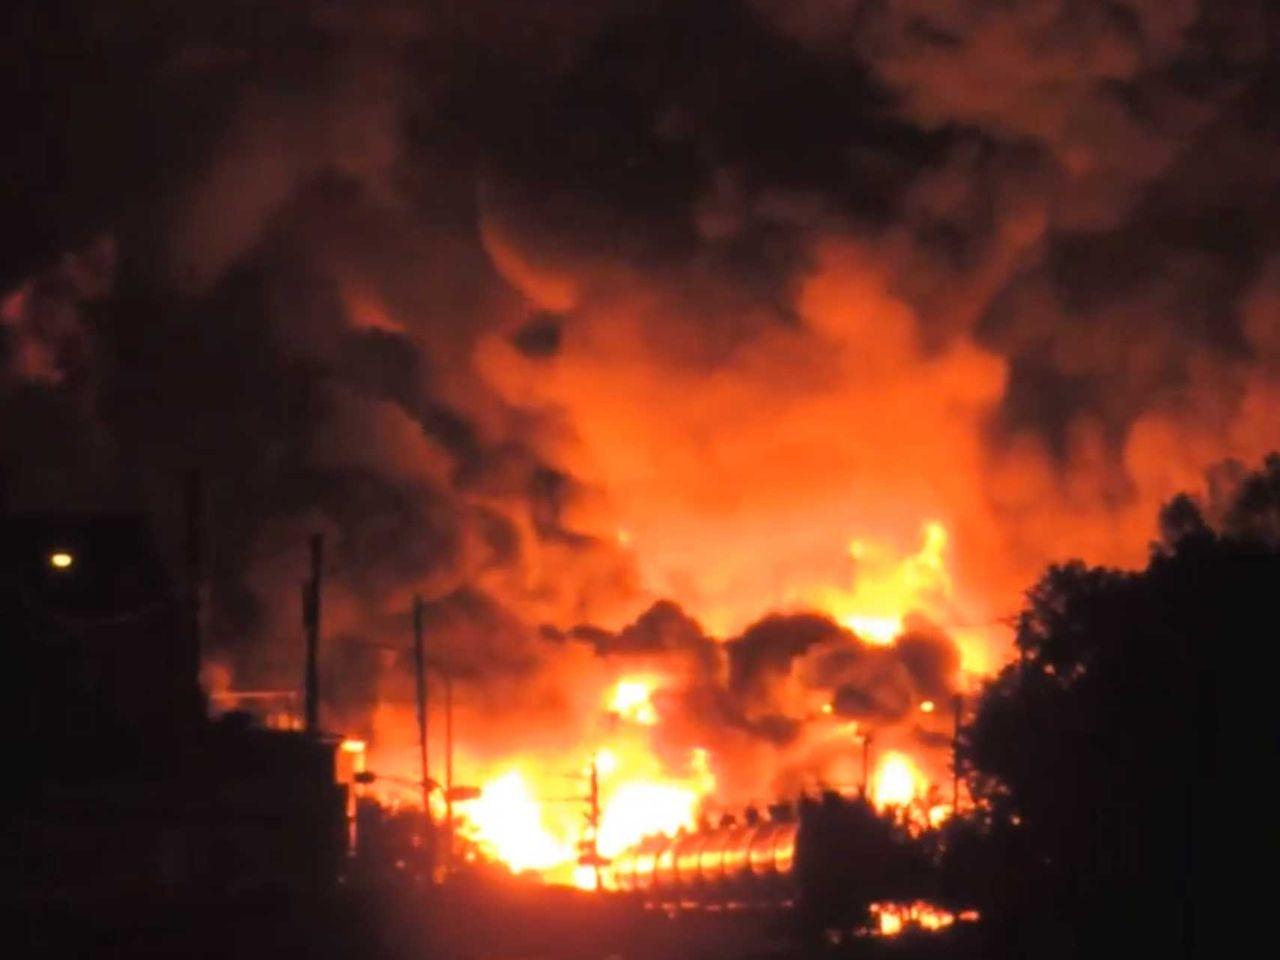 rrerrr 列車爆発の死者5人に、町が壊滅的被害 カナダカナダ・ケベック州の町で、原... カ